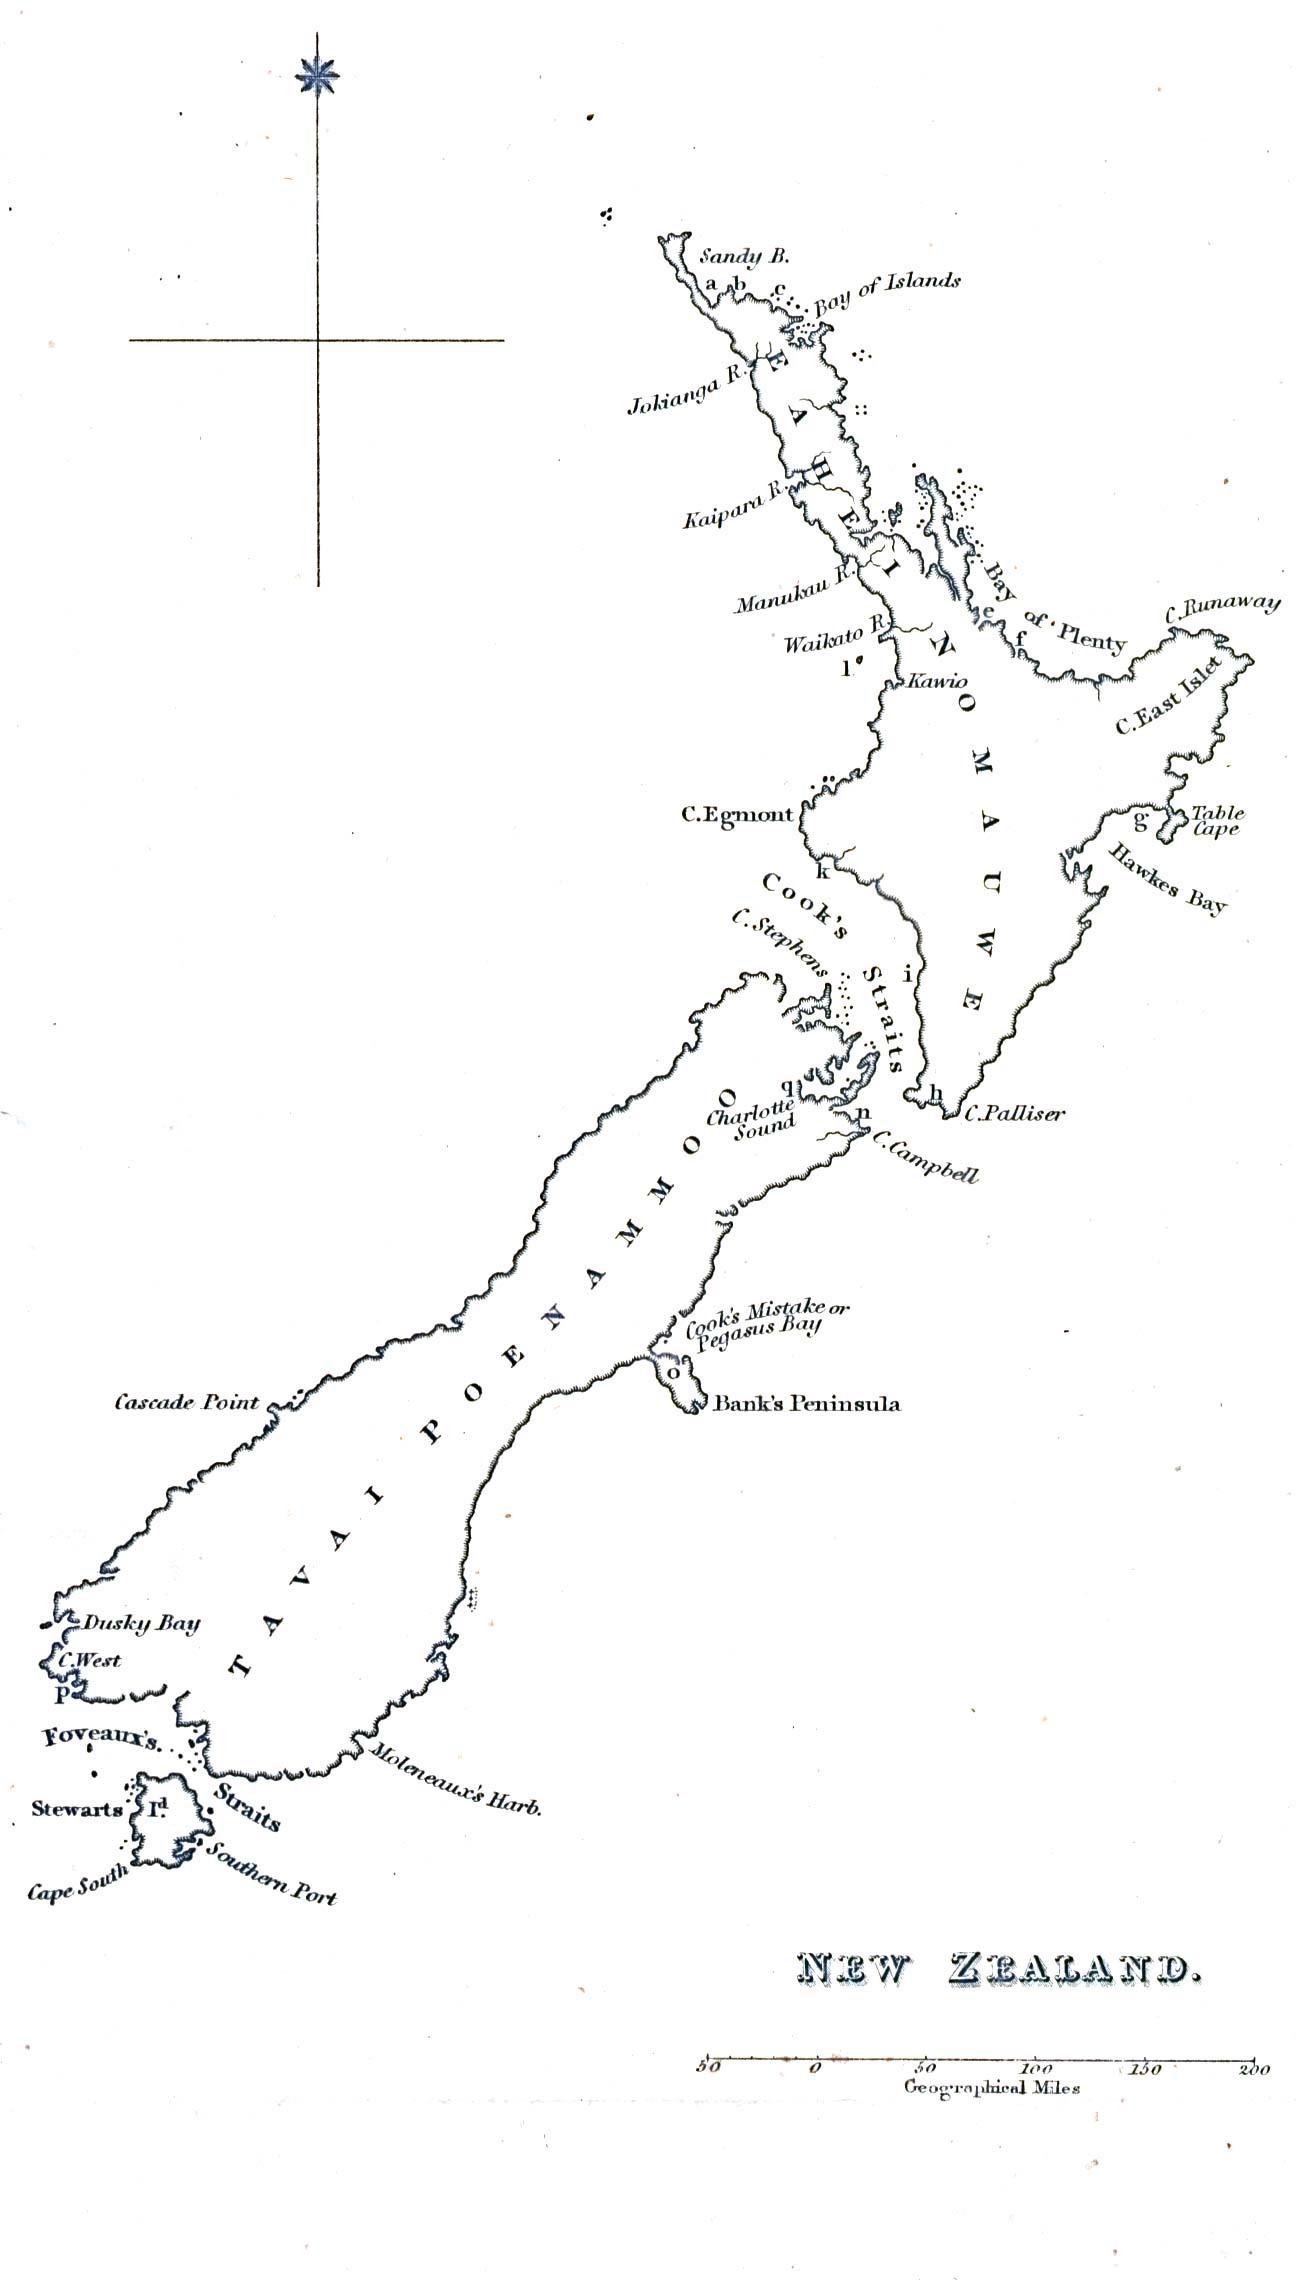 reisenett historical maps of australia and the pacific